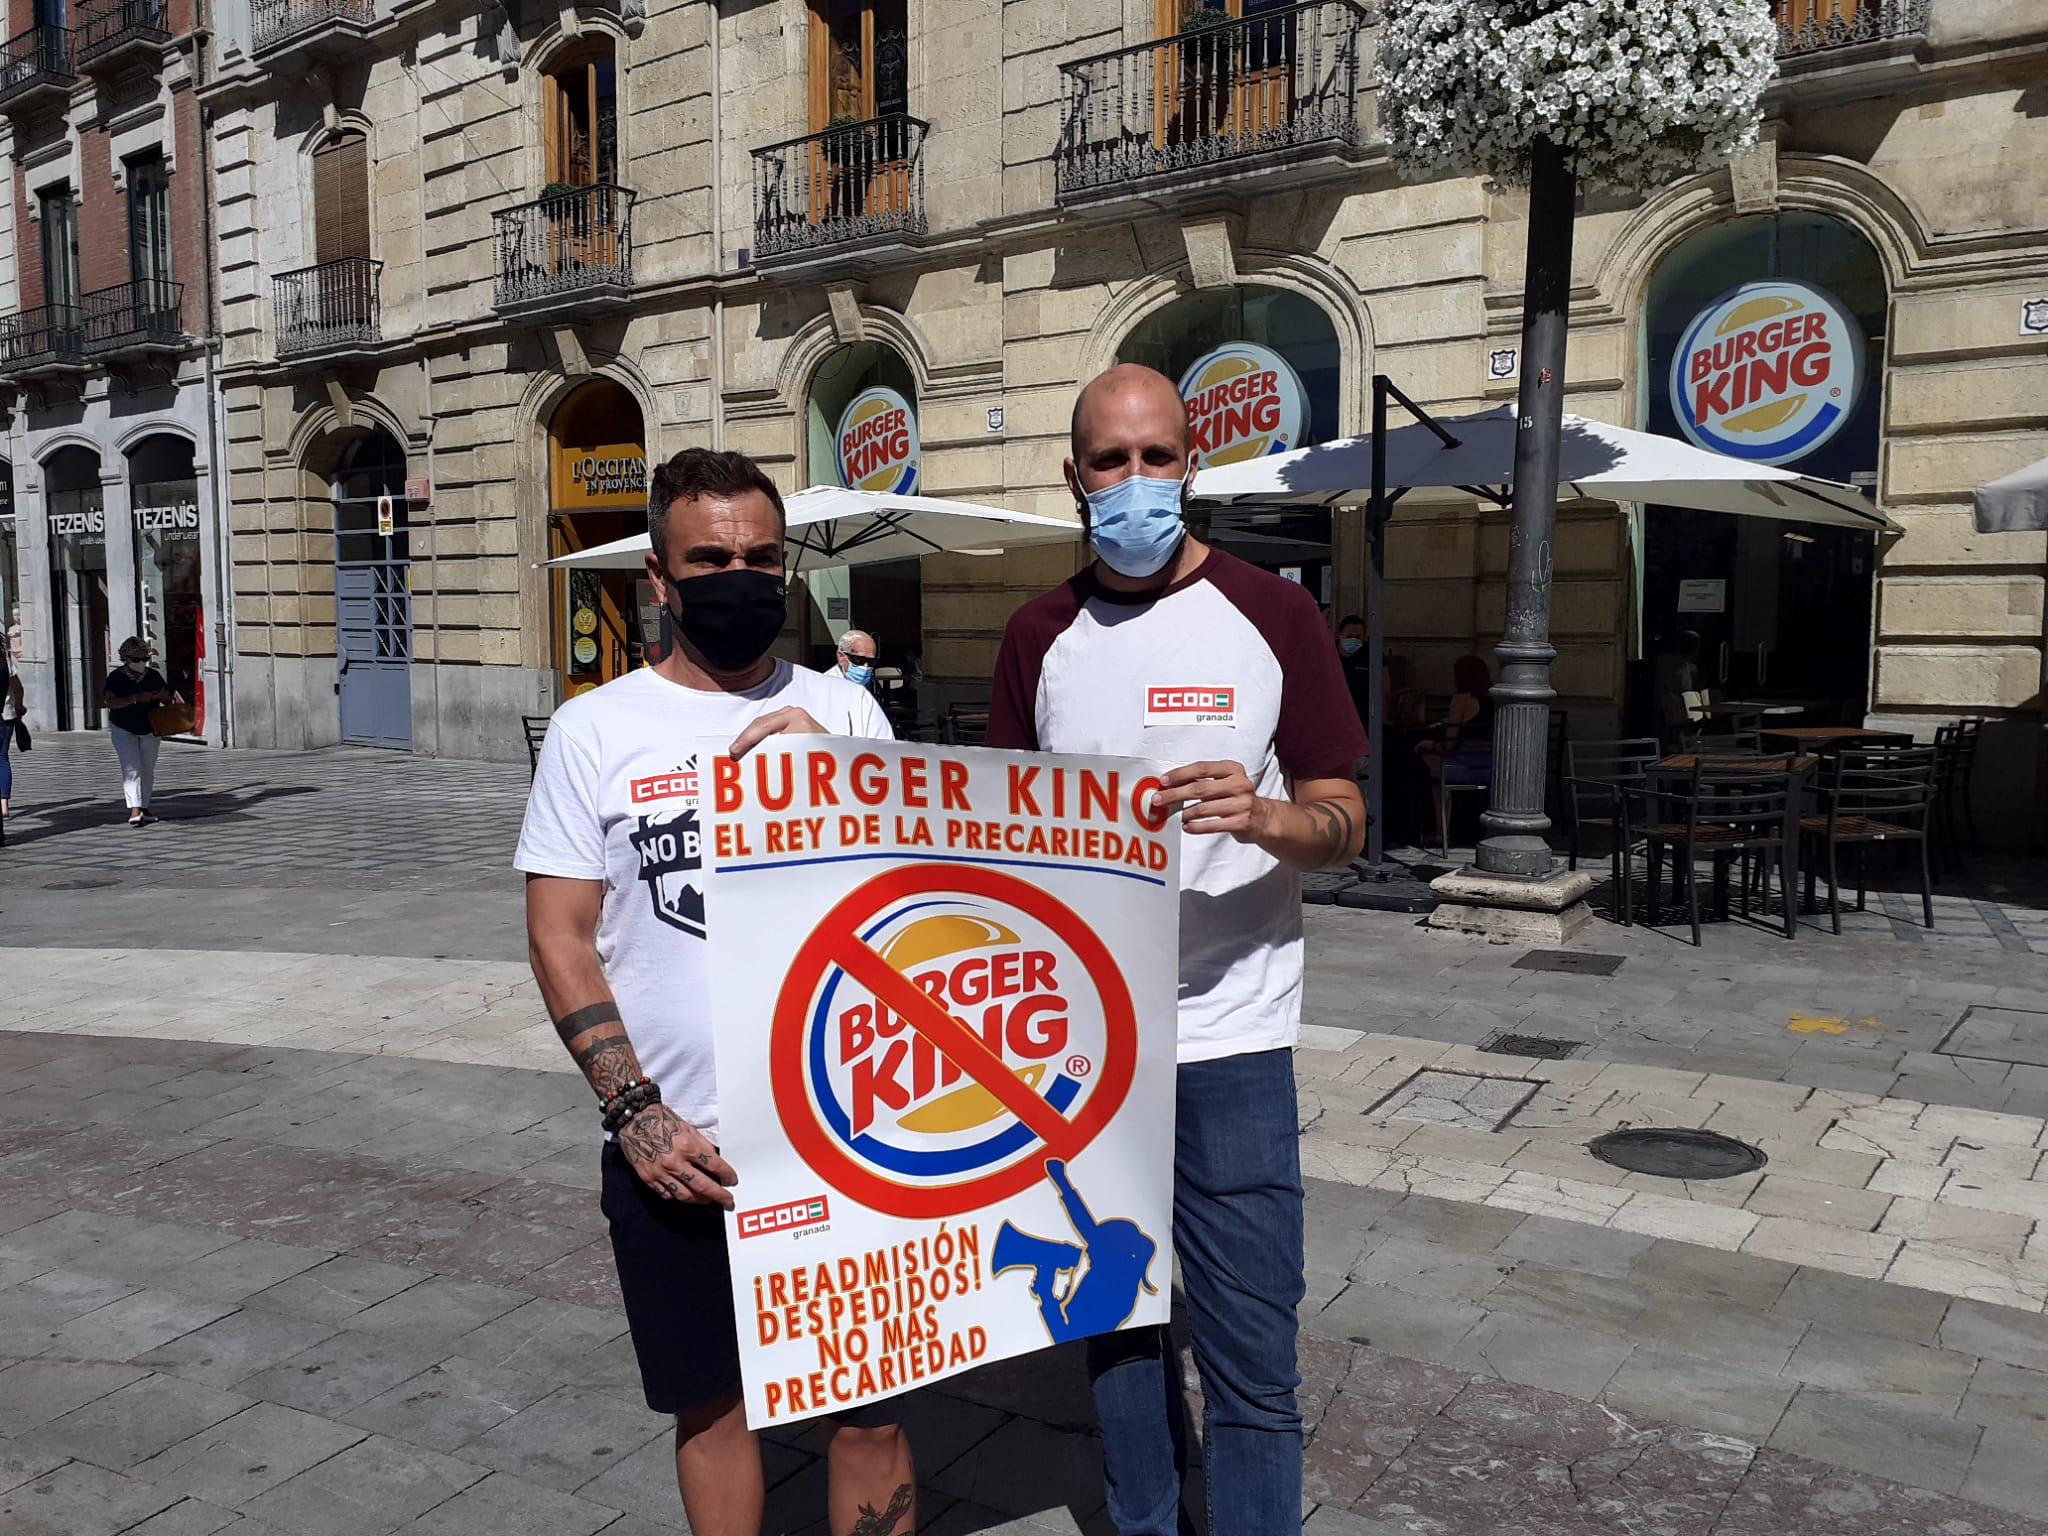 CCOO denuncia la situación de vulnerabilidad y desamparo en la que se encuentran dos trabajadores de Burger King despedidos ilegalmente